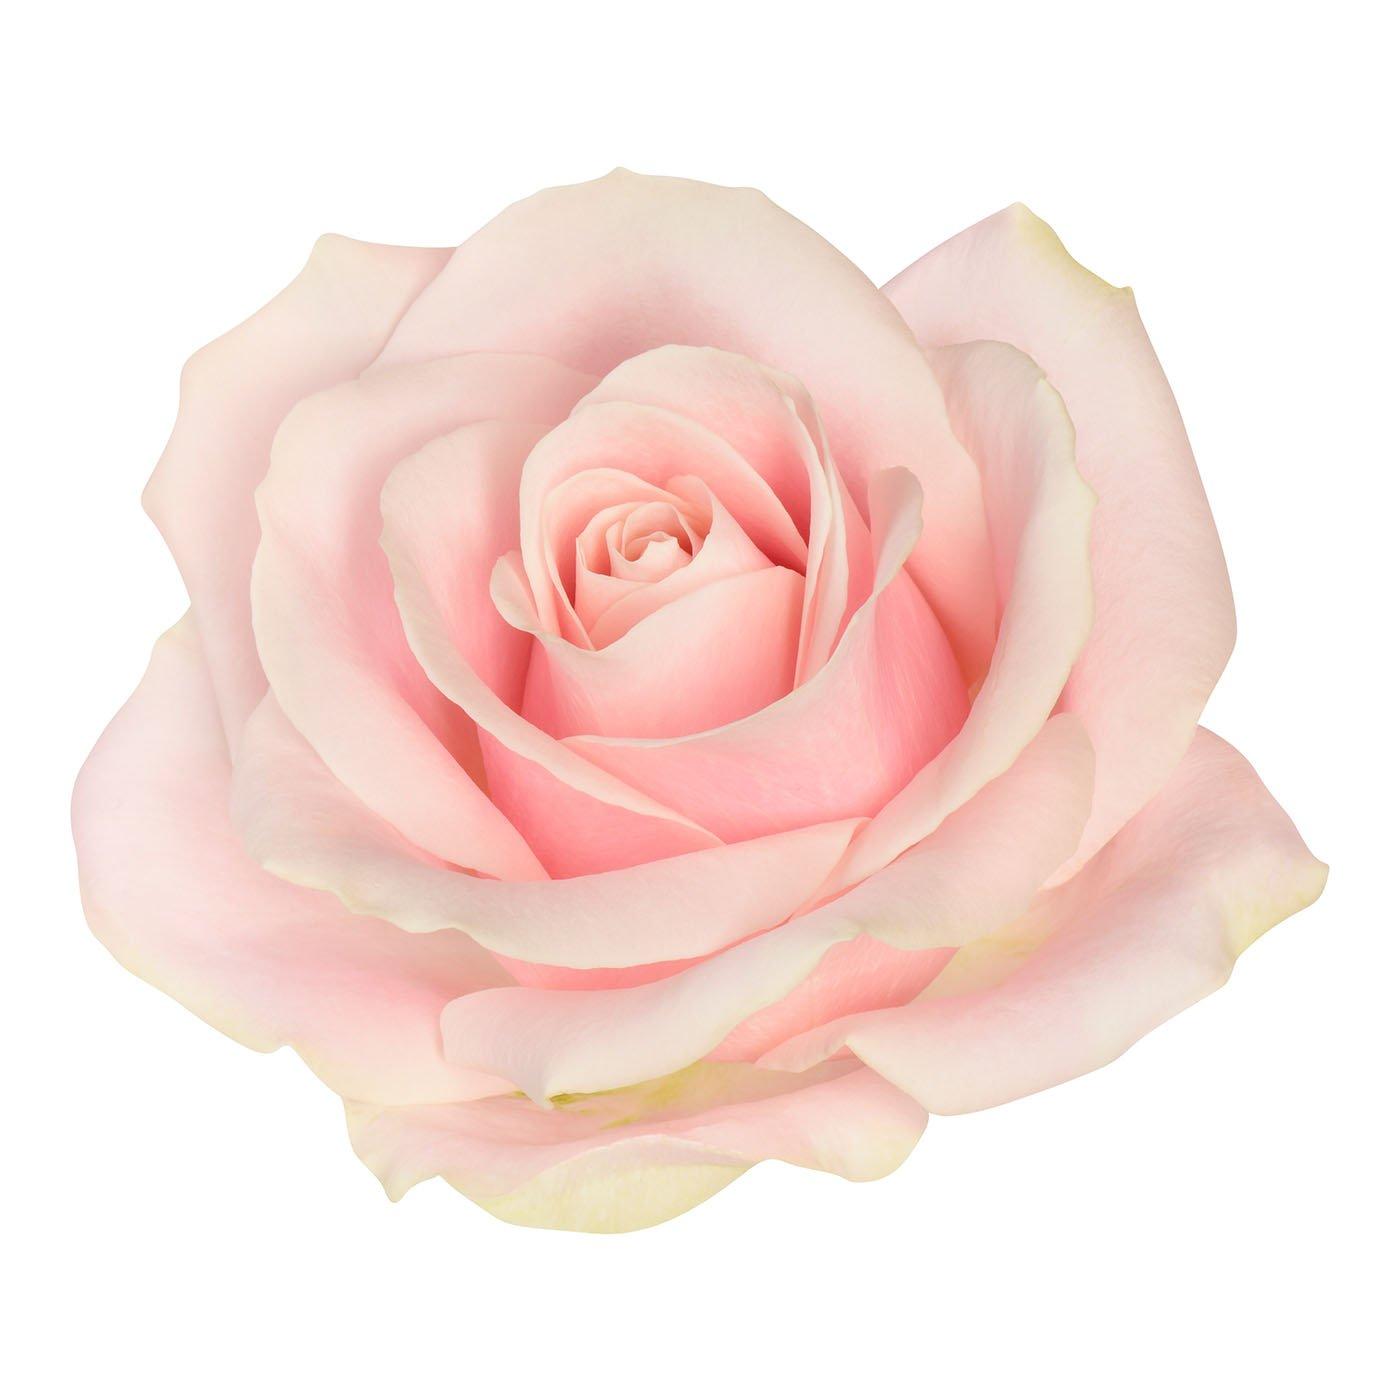 gros plan sur une belle rose rose